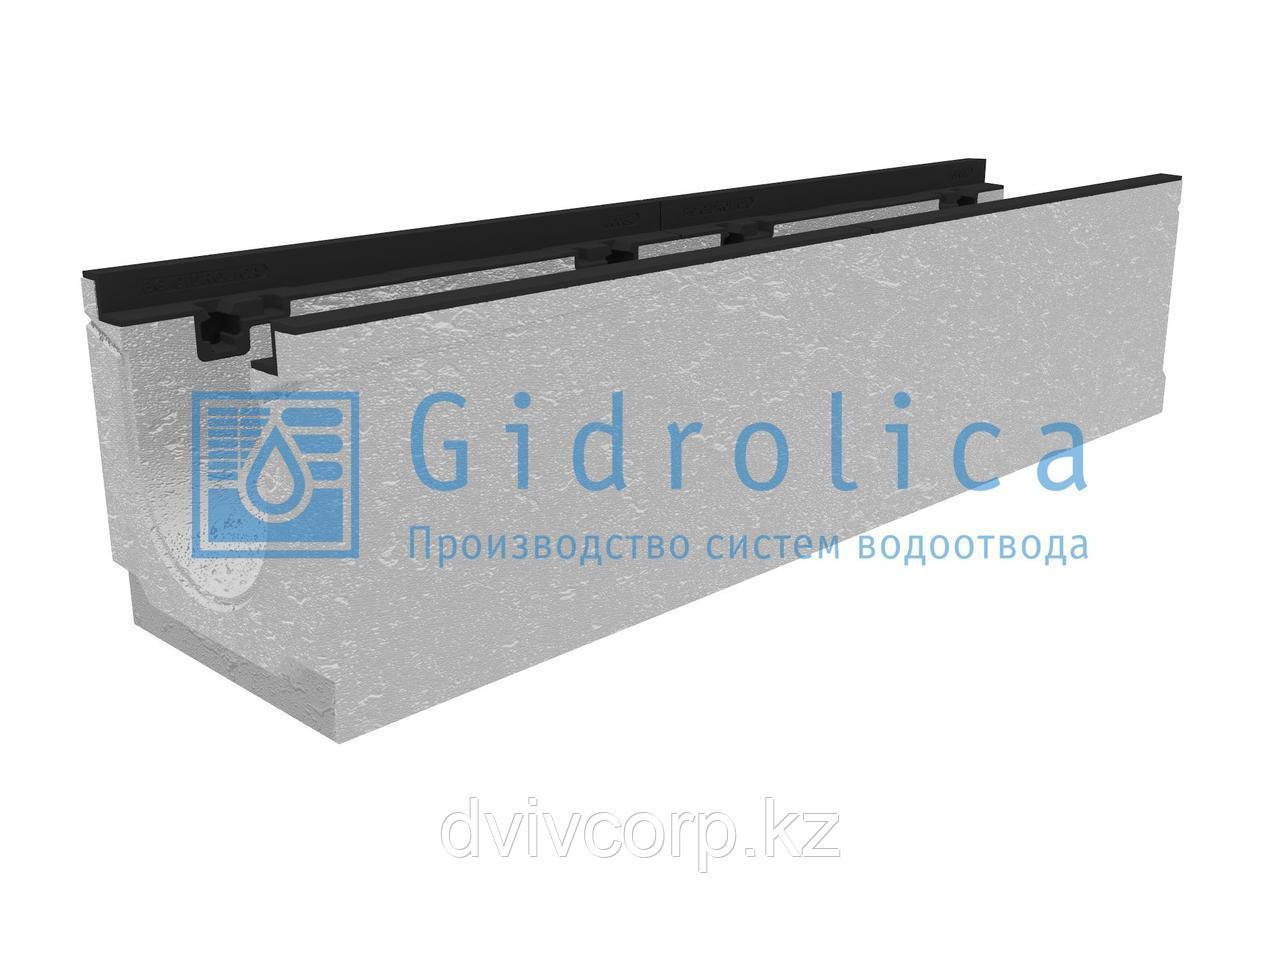 Лоток водоотводный бетонный коробчатый (СО-150мм), с чугунной насадкой, с уклоном 0,5%  KUу 100.24,8